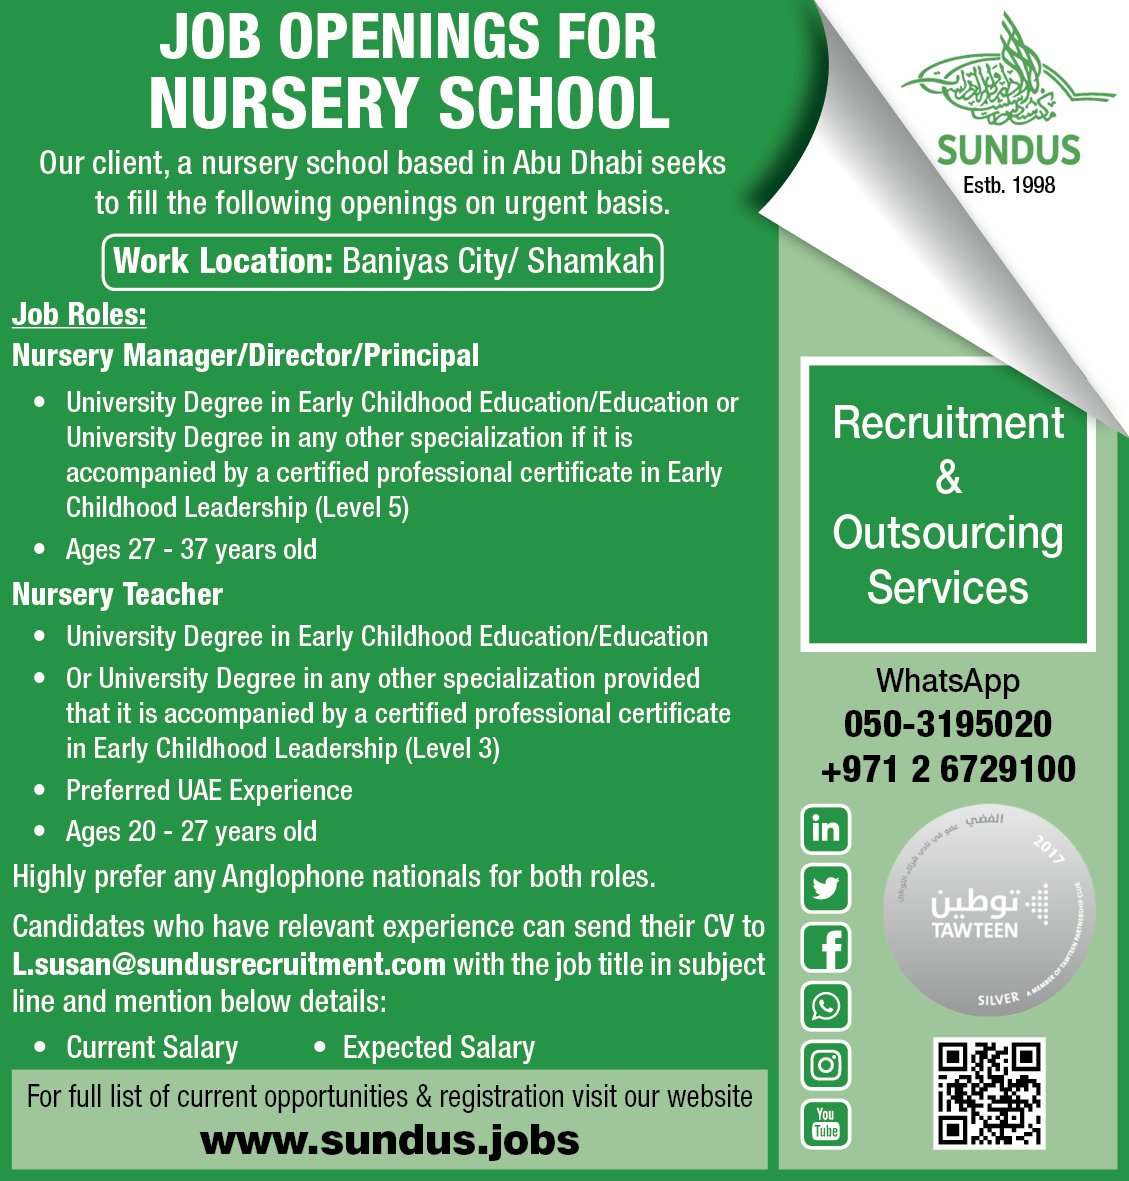 Job Openings For Nursery School